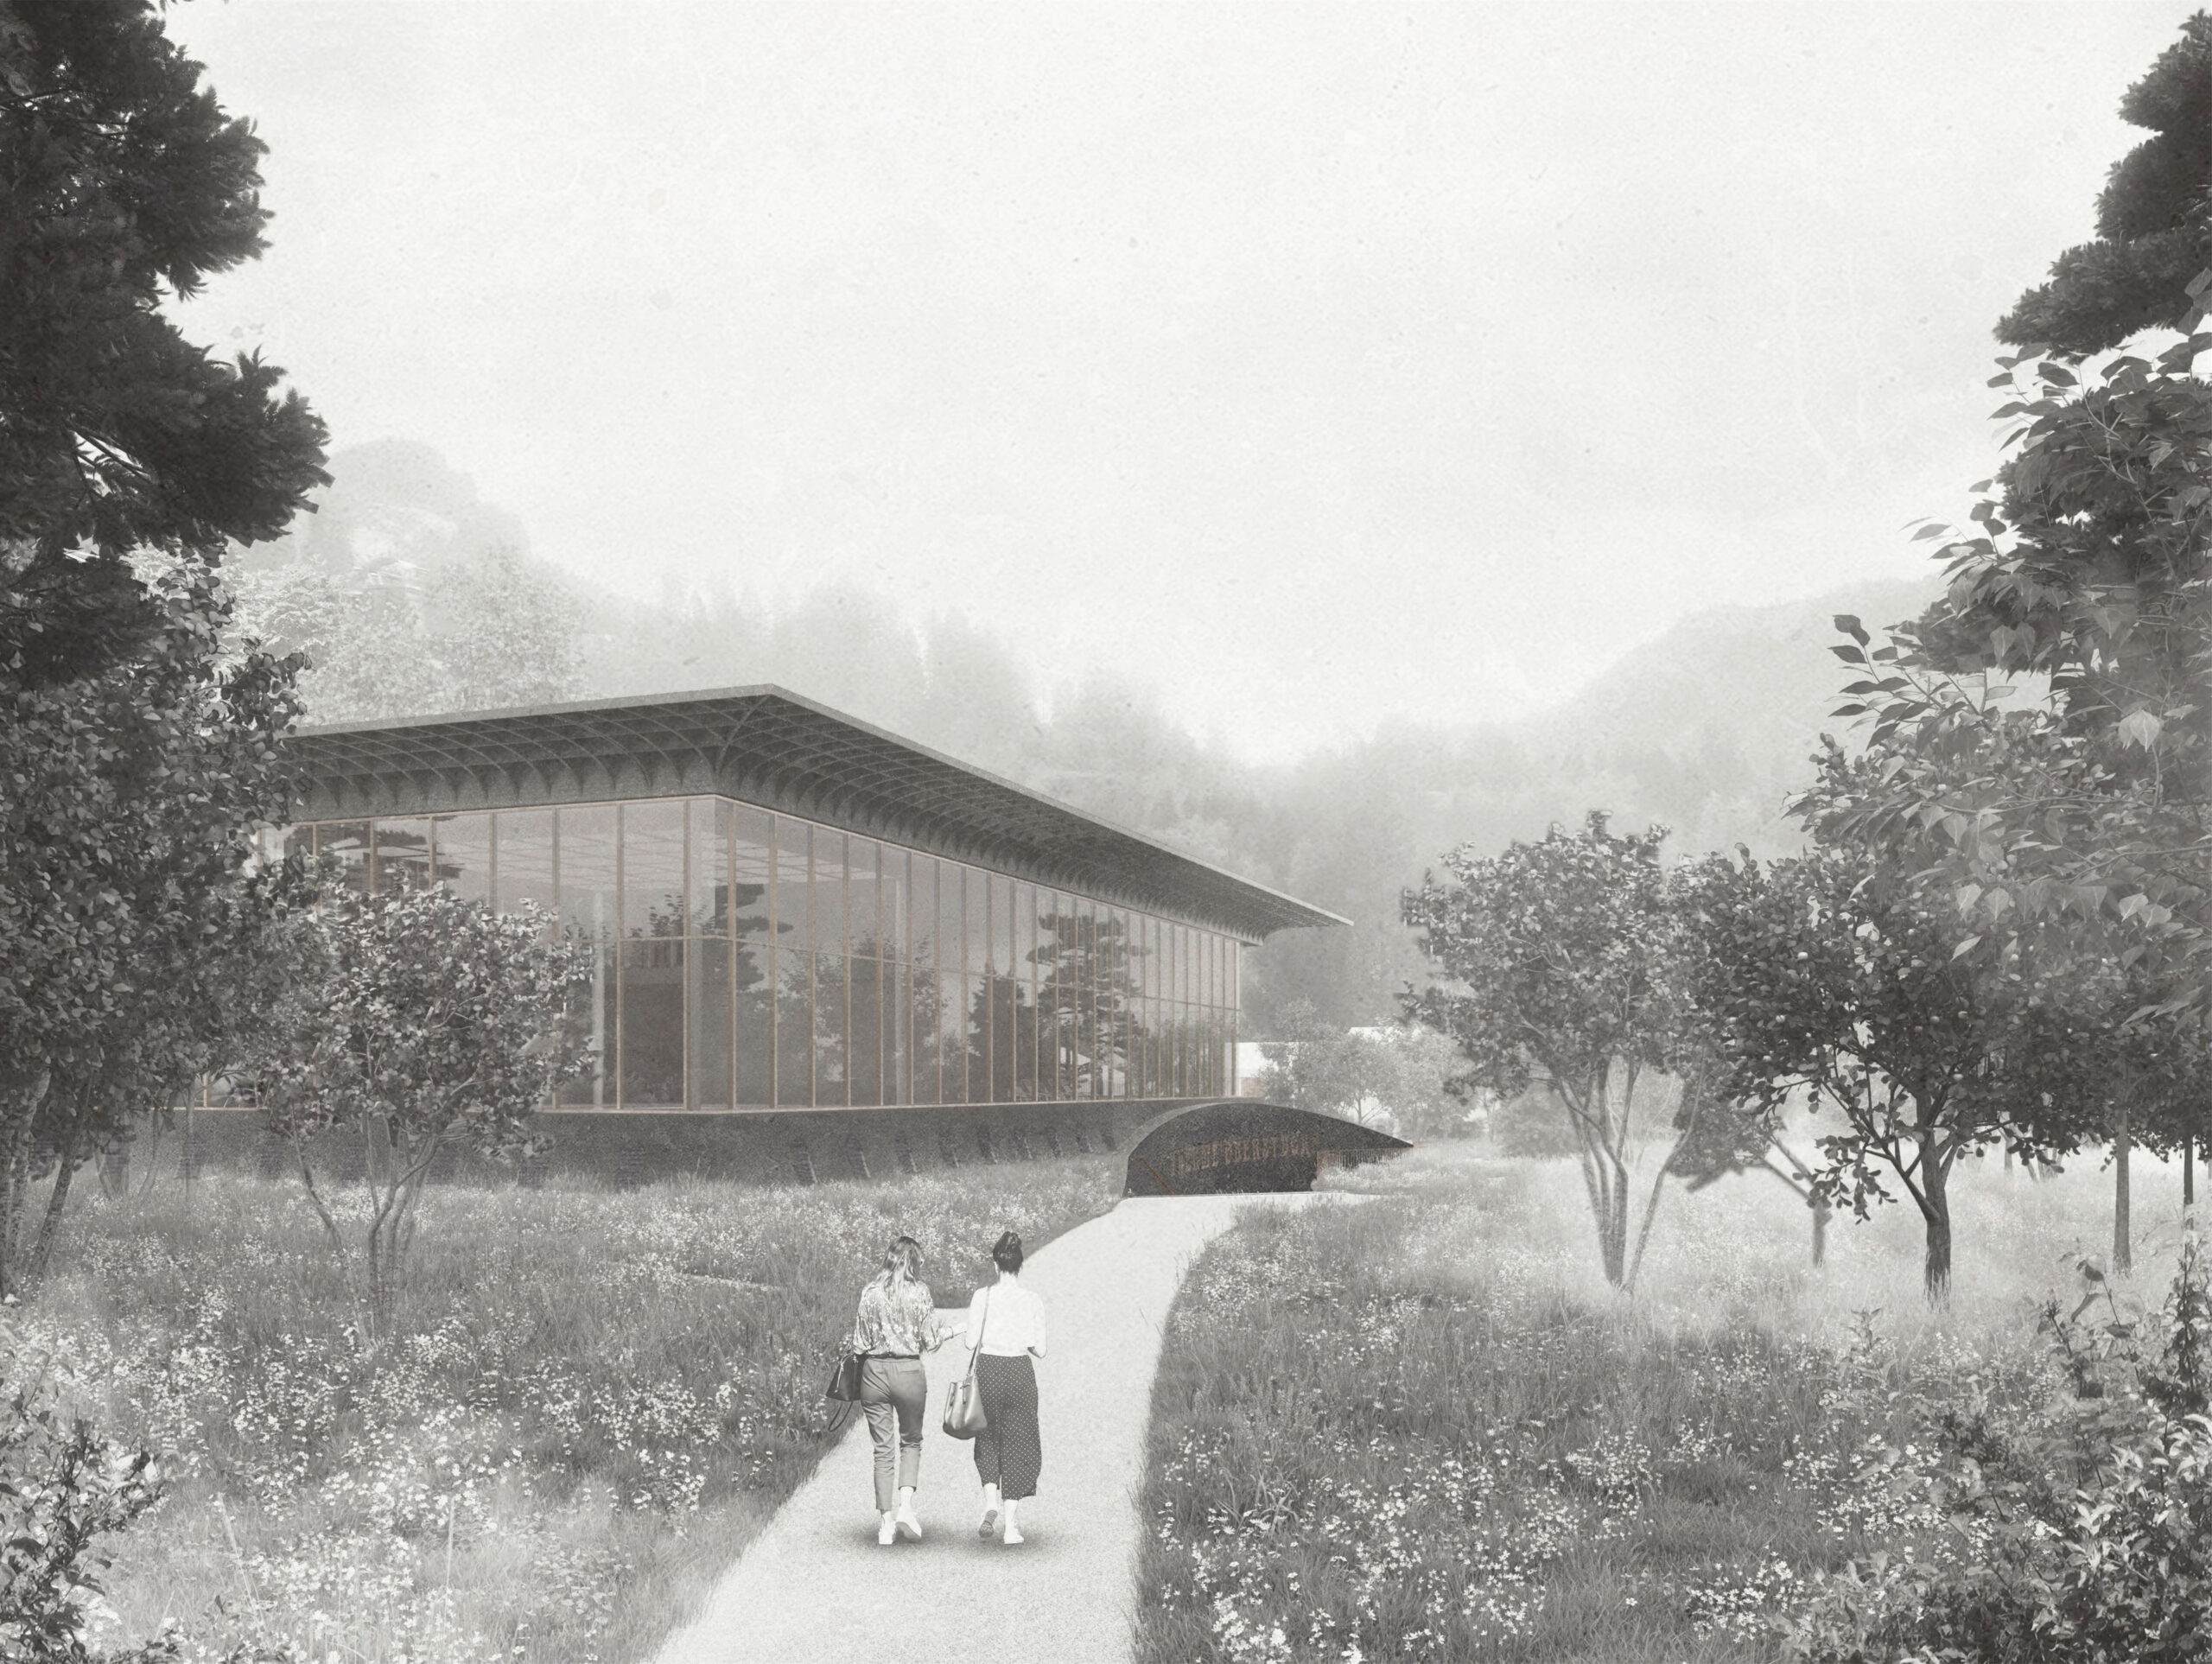 Michael-Becker-Architects-Architekten-Therme-Oberstdorf-V-Eingang